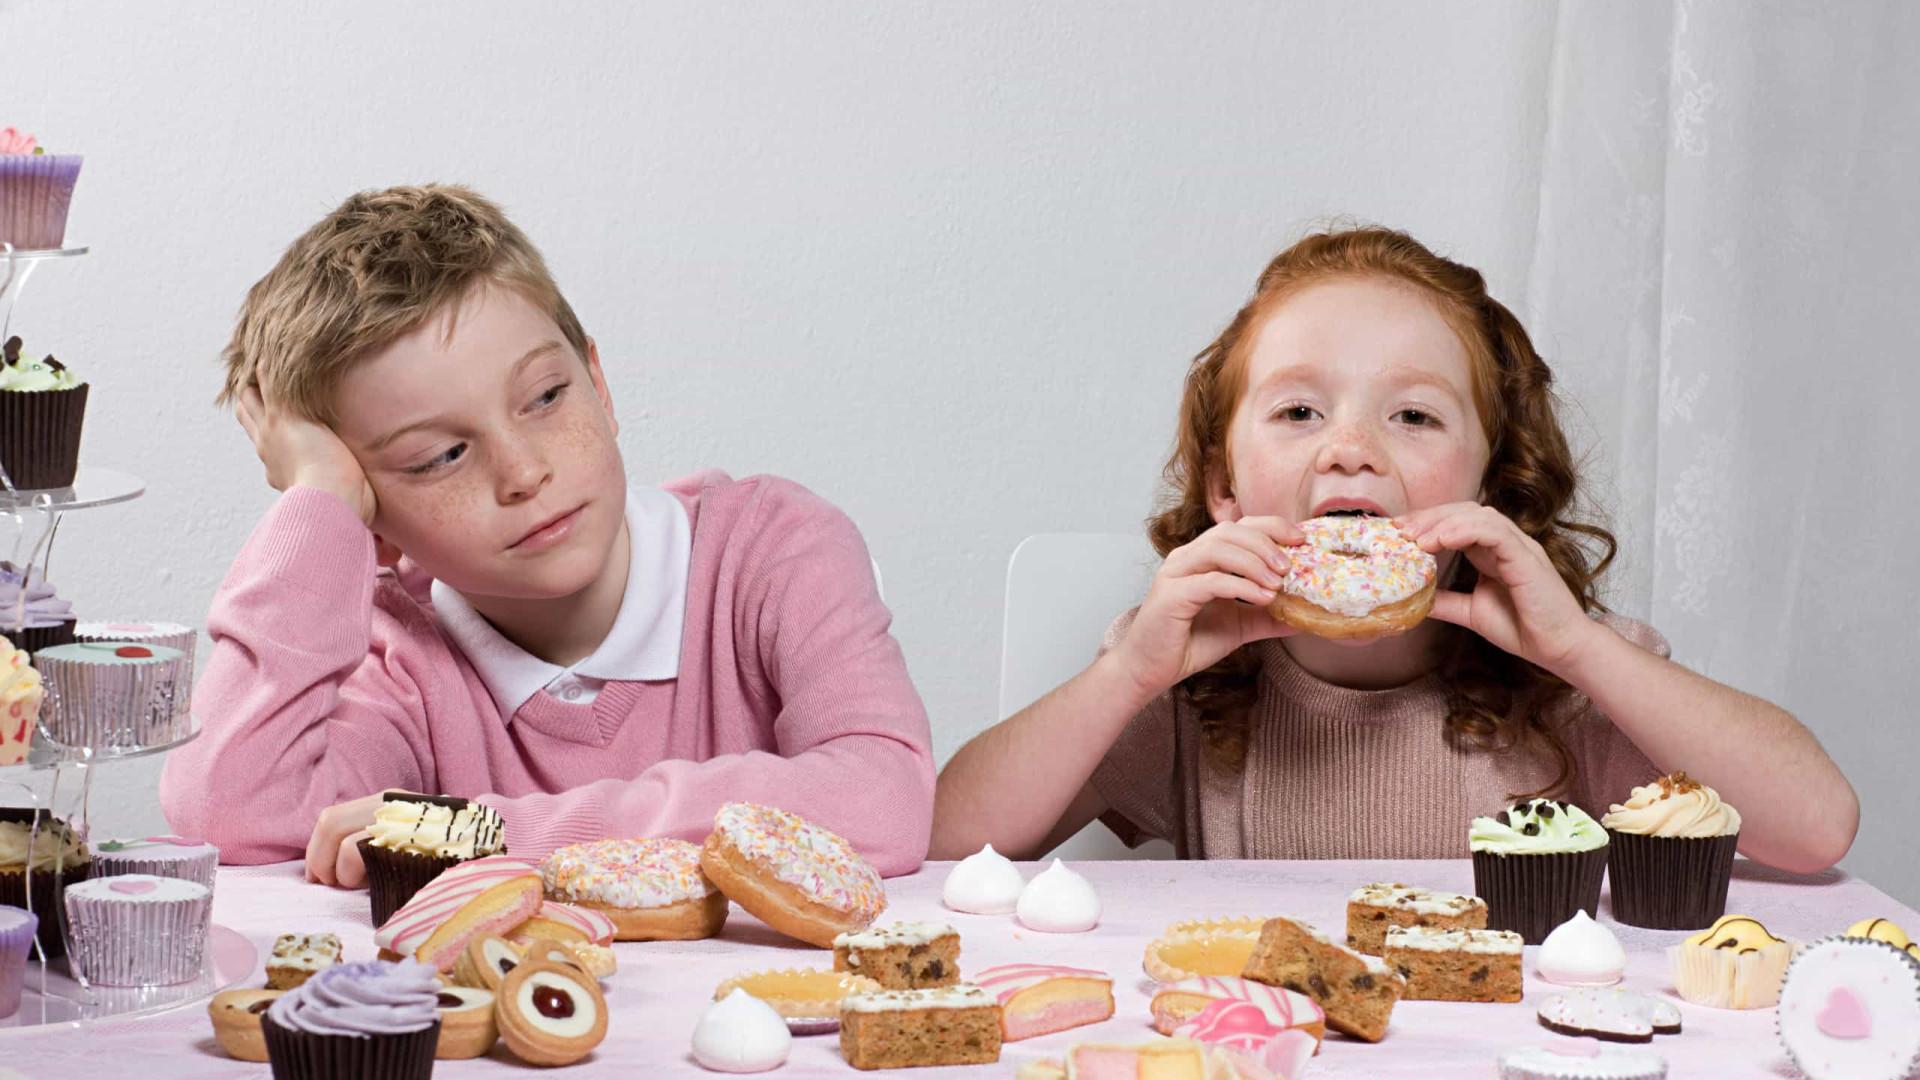 Síndrome de Prader-Willi: A doença rara que gera fome excessiva